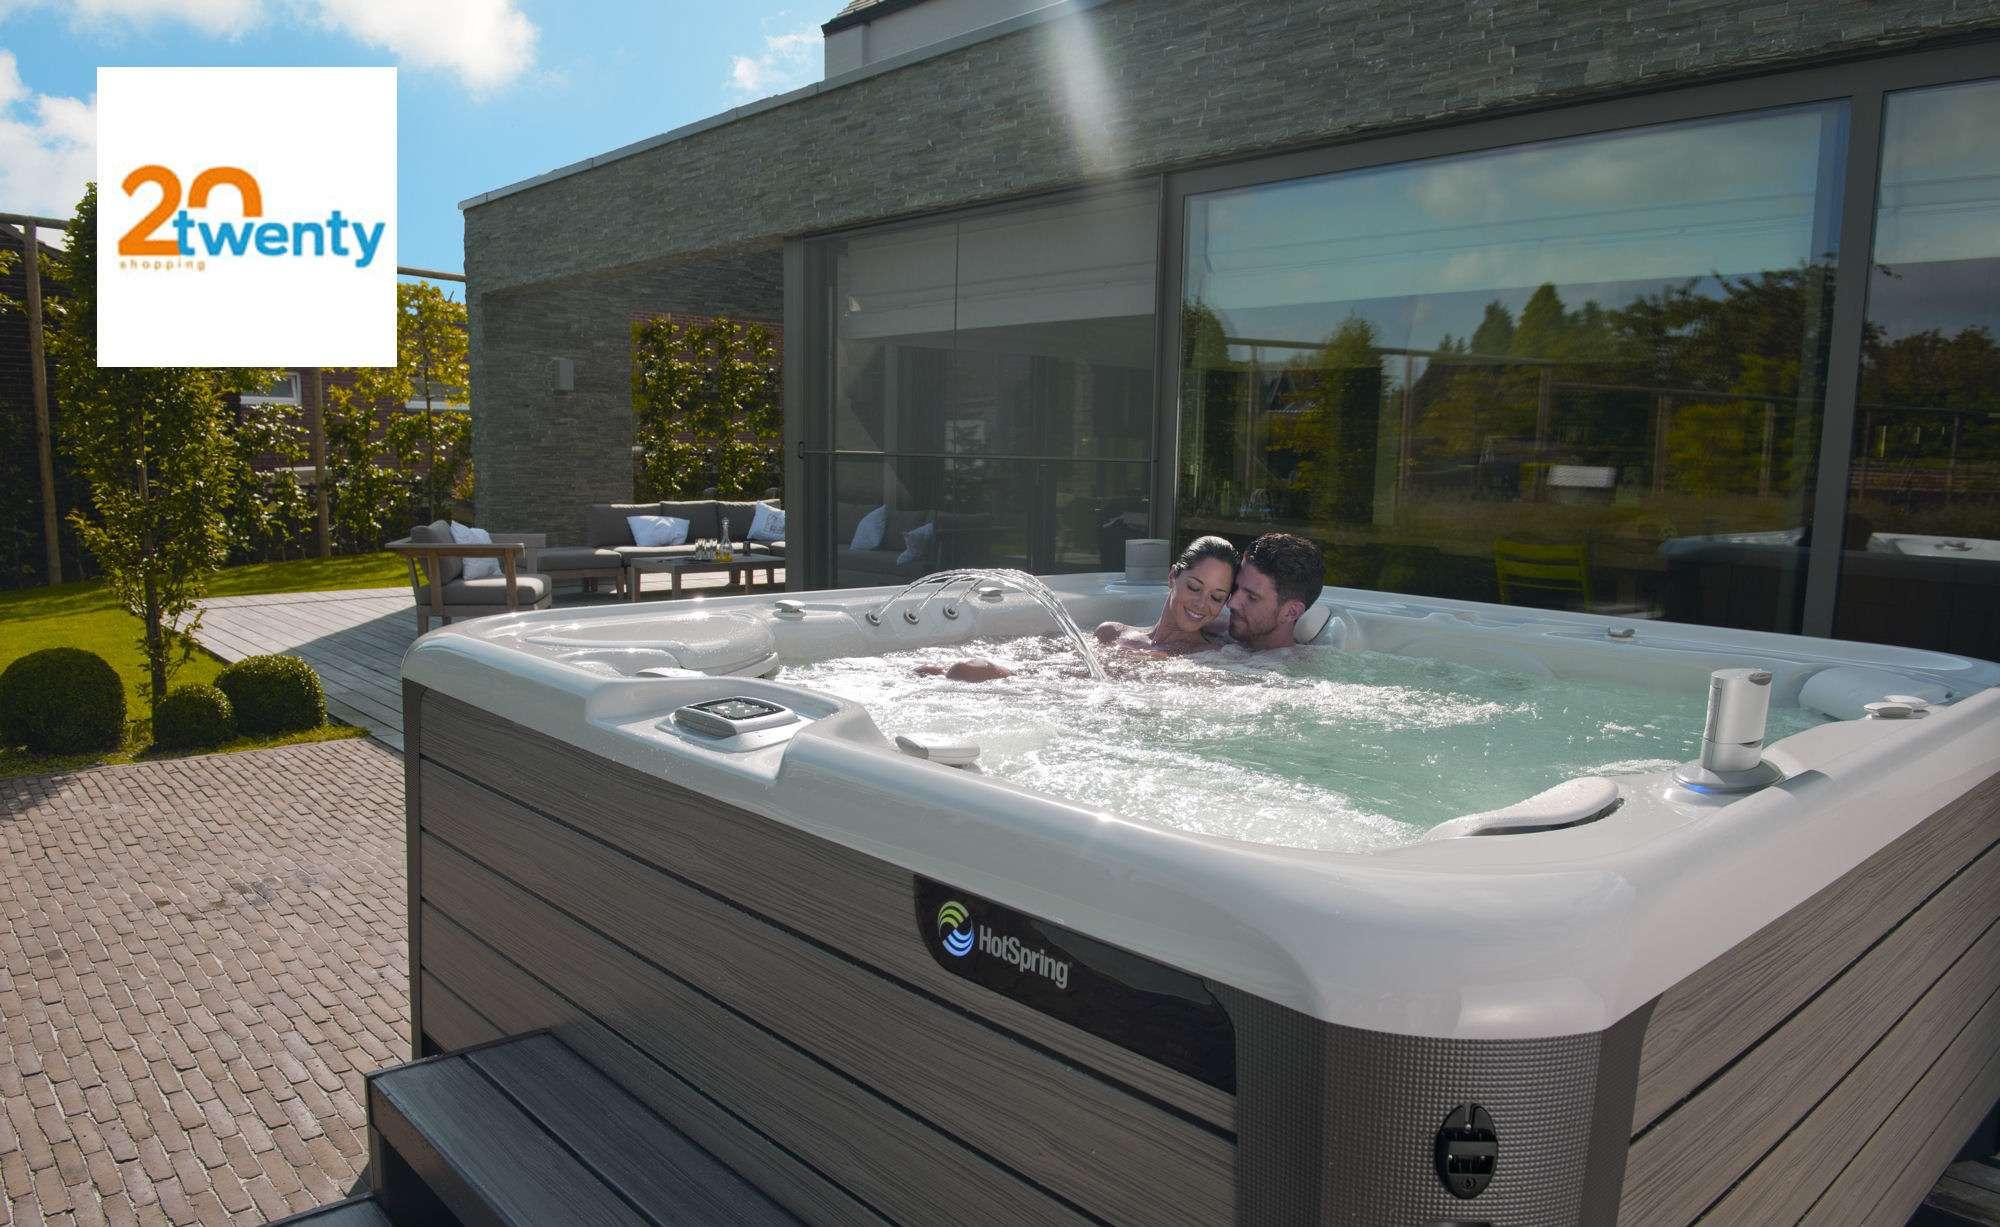 blog Hot Spring - vasche idromassaggio da esterni | 20 ...